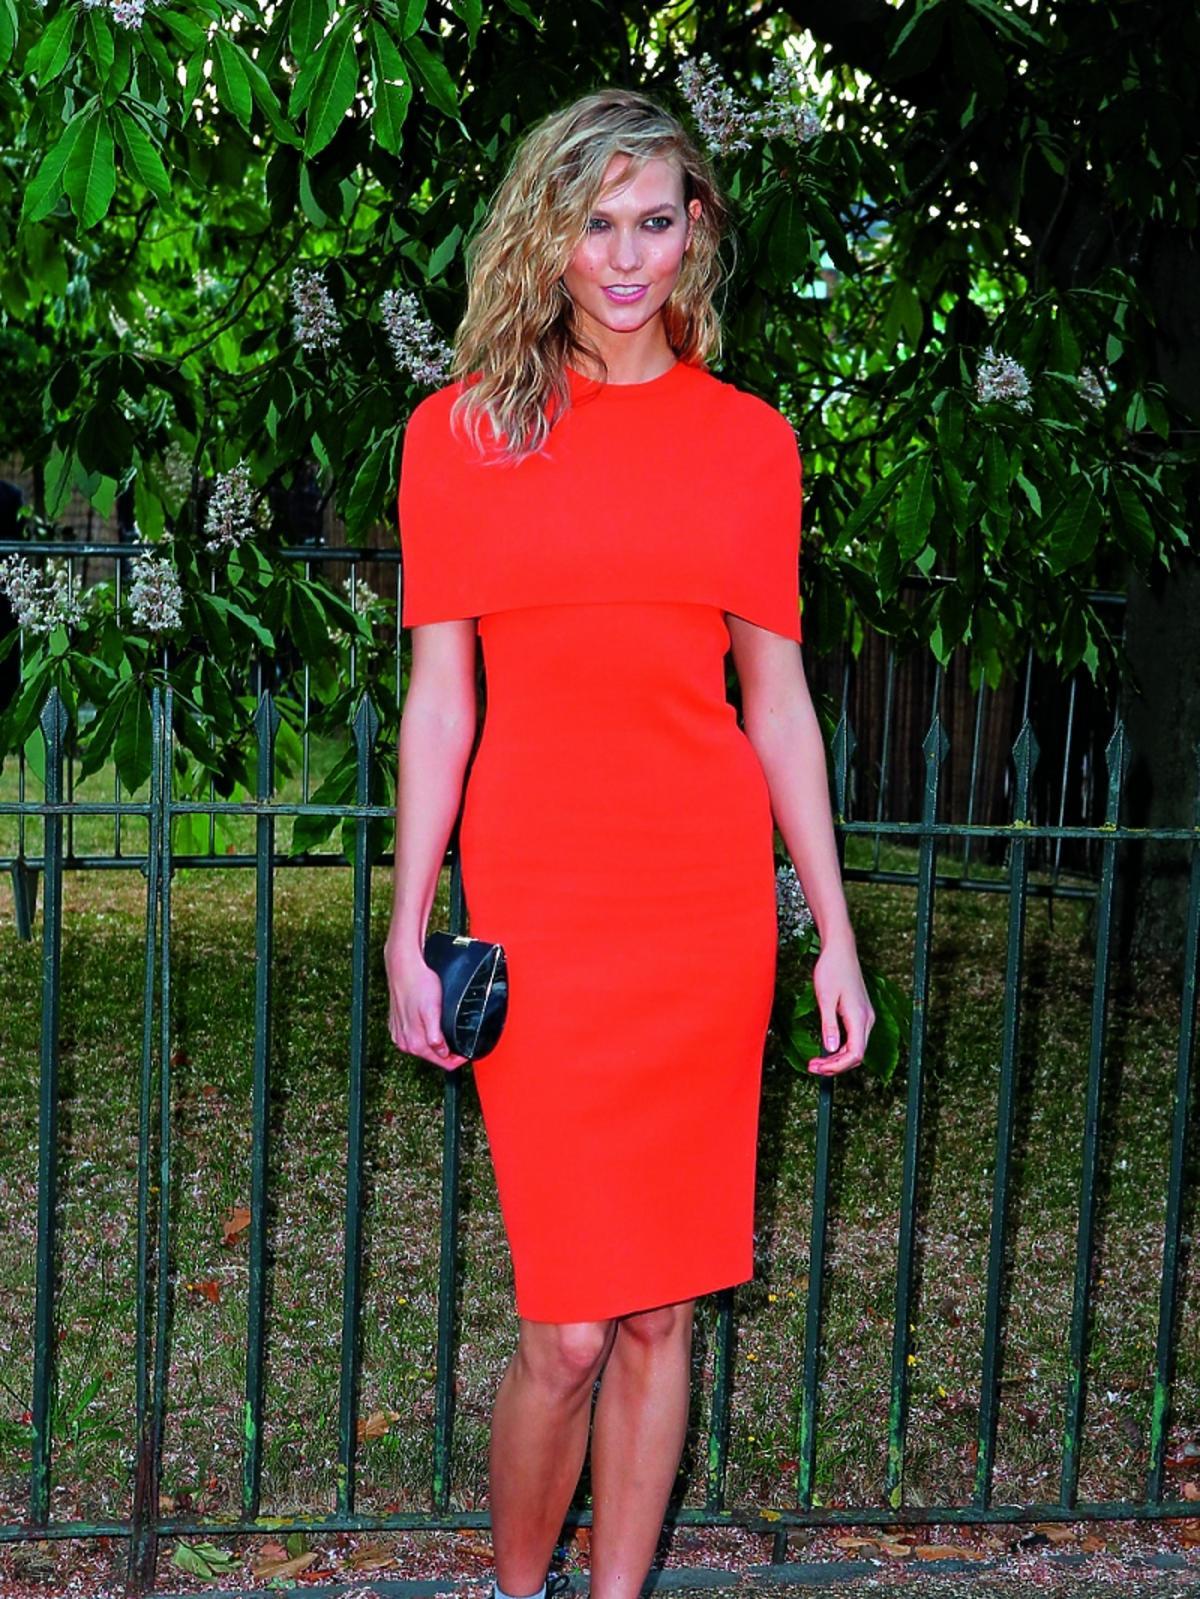 Supermodelka Karlie Kloss w intensywnie pomarańczowej sukience pozuje na imprezie na świeżym powietrzu